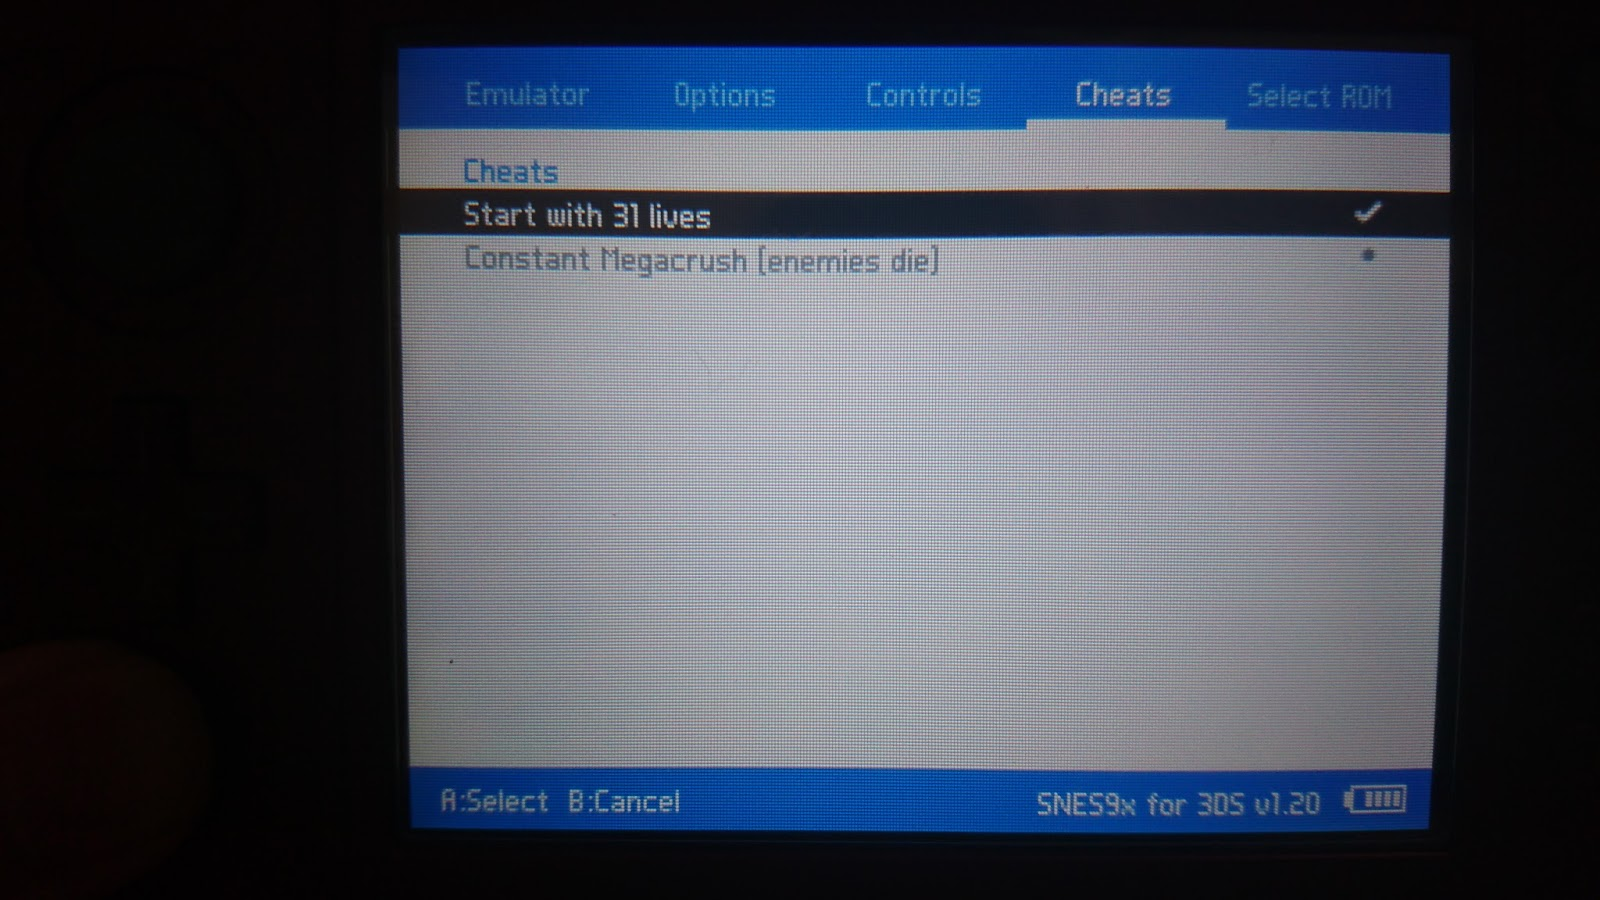 yyoosskのメモ: 3DS用snesエミュレーターであるSnes9x for 3DSでチートを